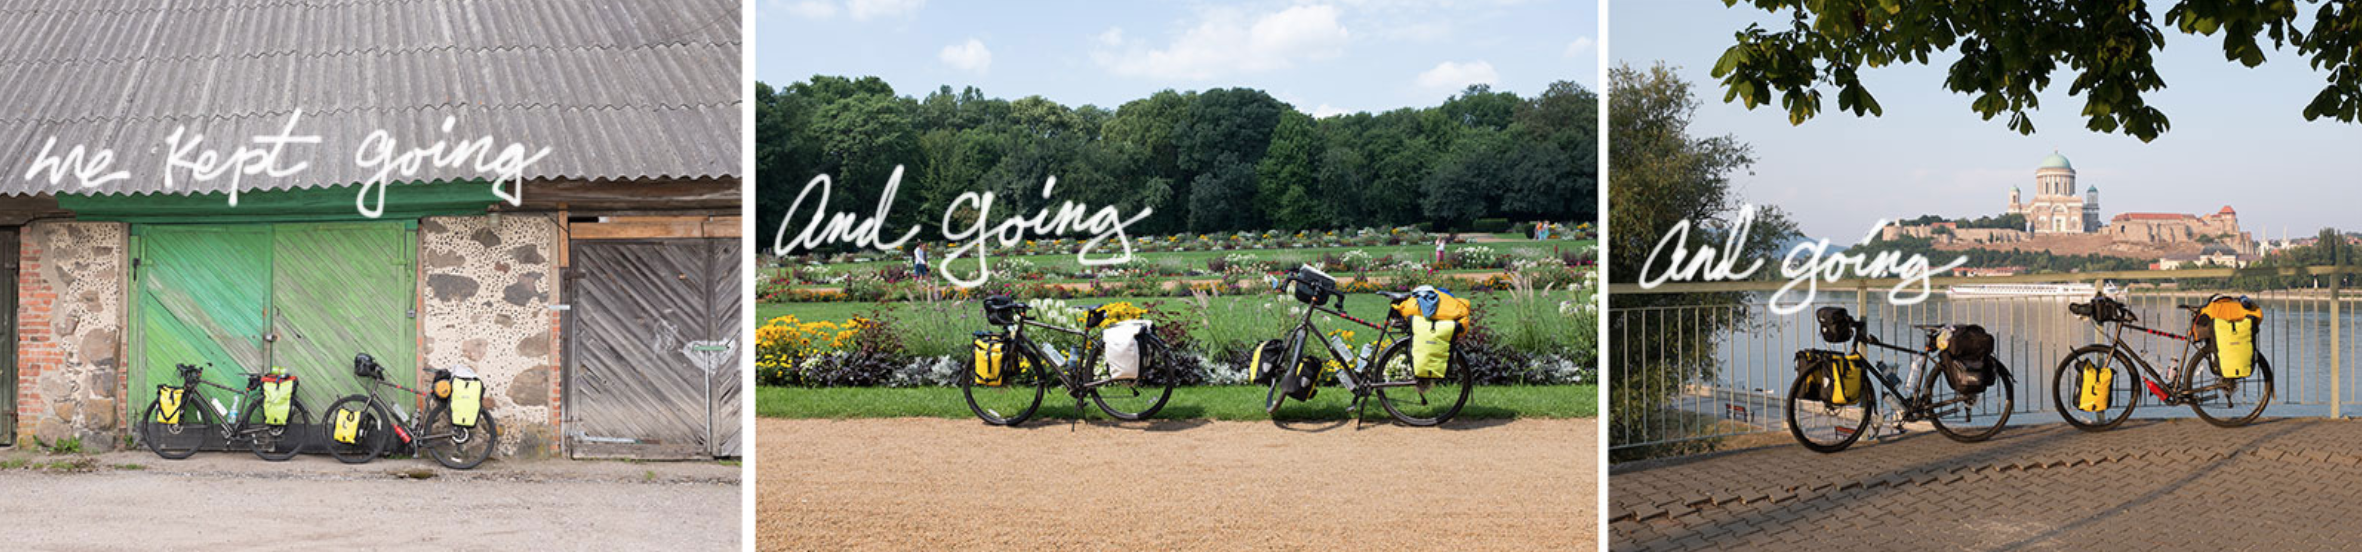 diephuis-trip-bike-3000-miles23.png